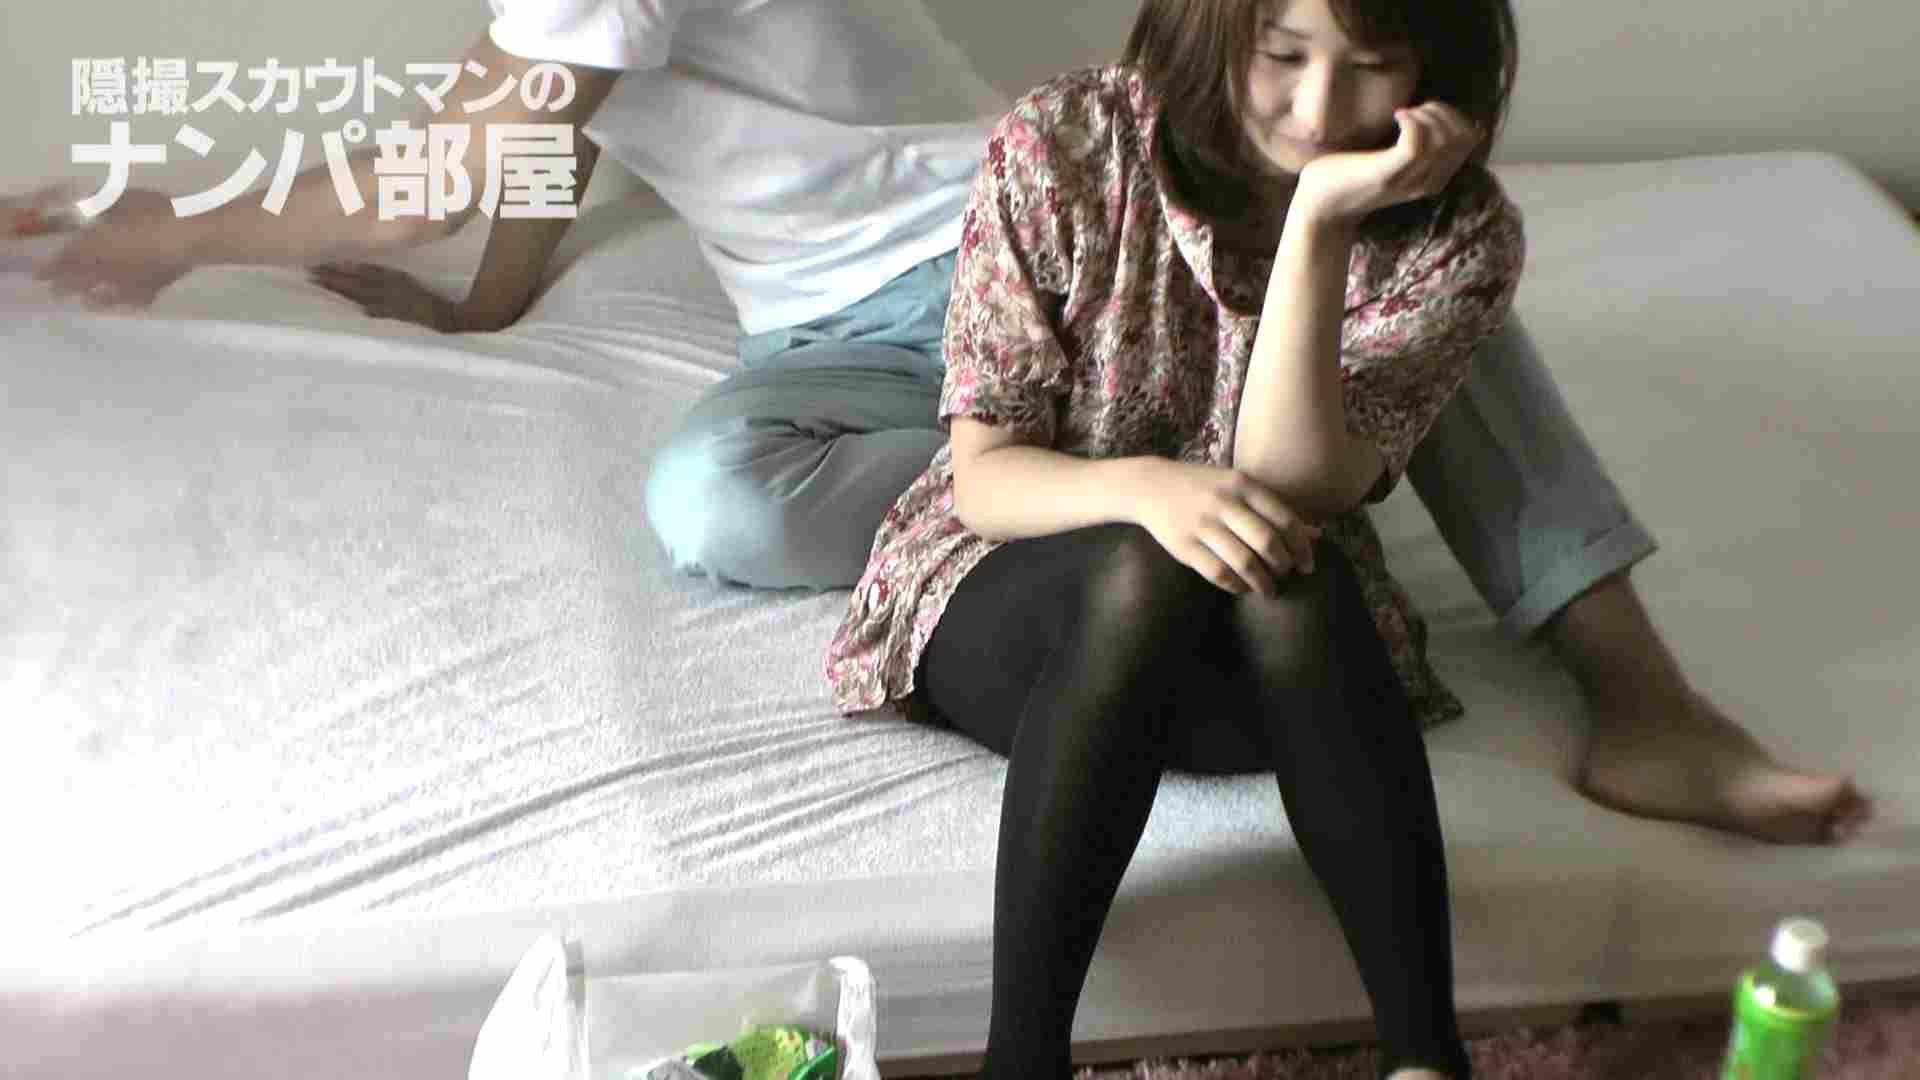 隠撮スカウトマンのナンパ部屋~風俗デビュー前のつまみ食い~ sii 隠撮   脱衣所  67pic 13